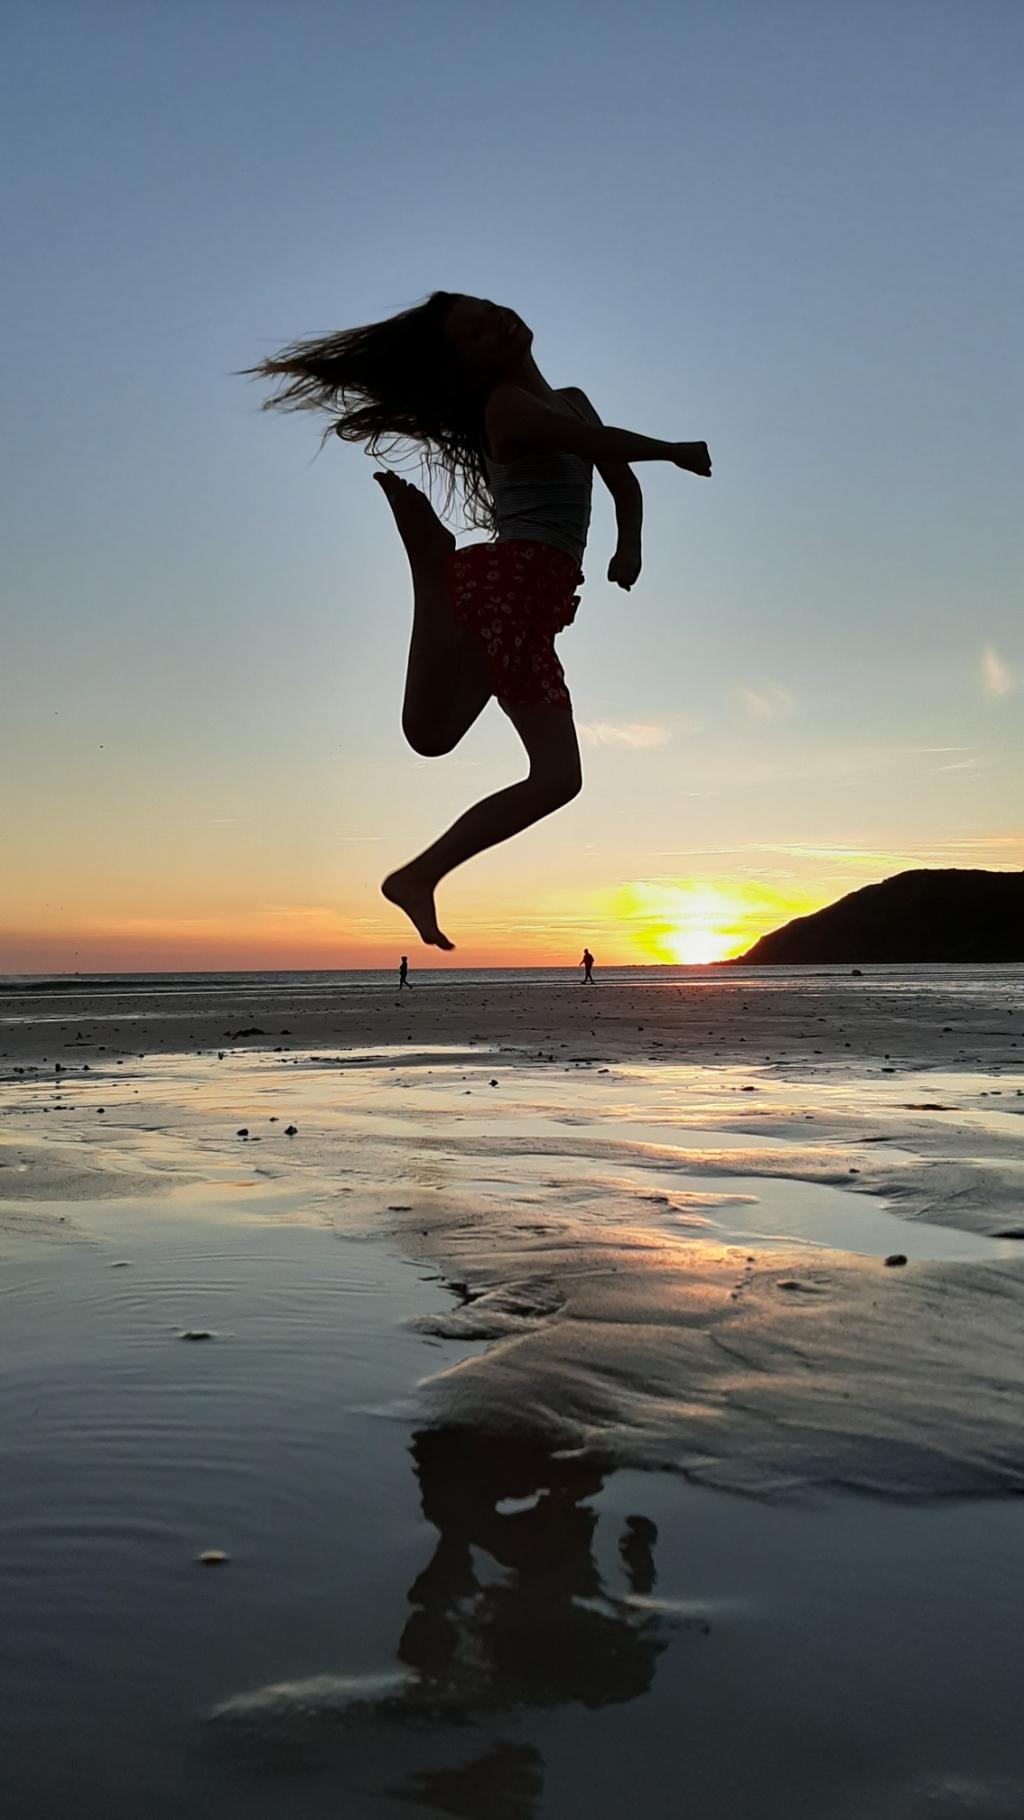 Bent van Alfen (12) zag tijdens de vakantie in Cotentin, Normandie, Frankrijk. Op het strand bij het plaatsje Sciotot, afgelopen donderdag 30 juli 2020, zag hij zijn zusje Lina (10) springen en legde dit mooie moment vast.   Bent van Alfen © BDU Media